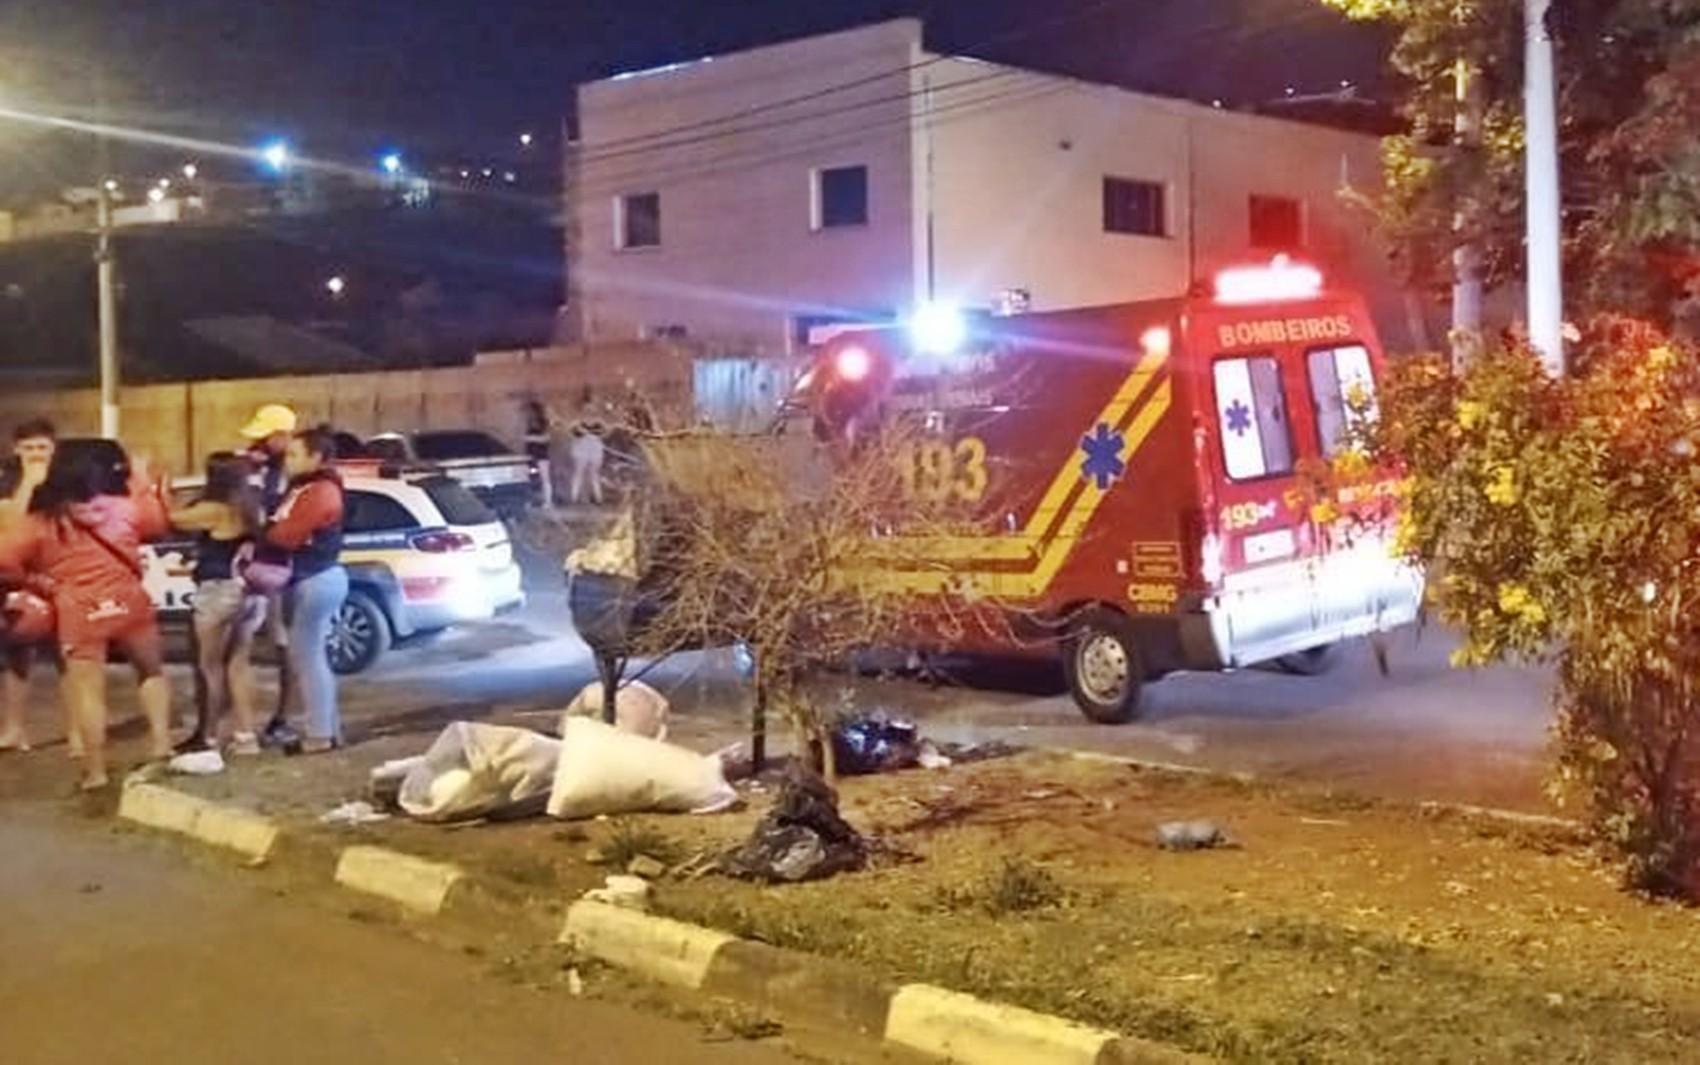 Dois homens morrem após moto bater em muro no bairro Recreio dos Bandeirantes, em Guaxupé, MG